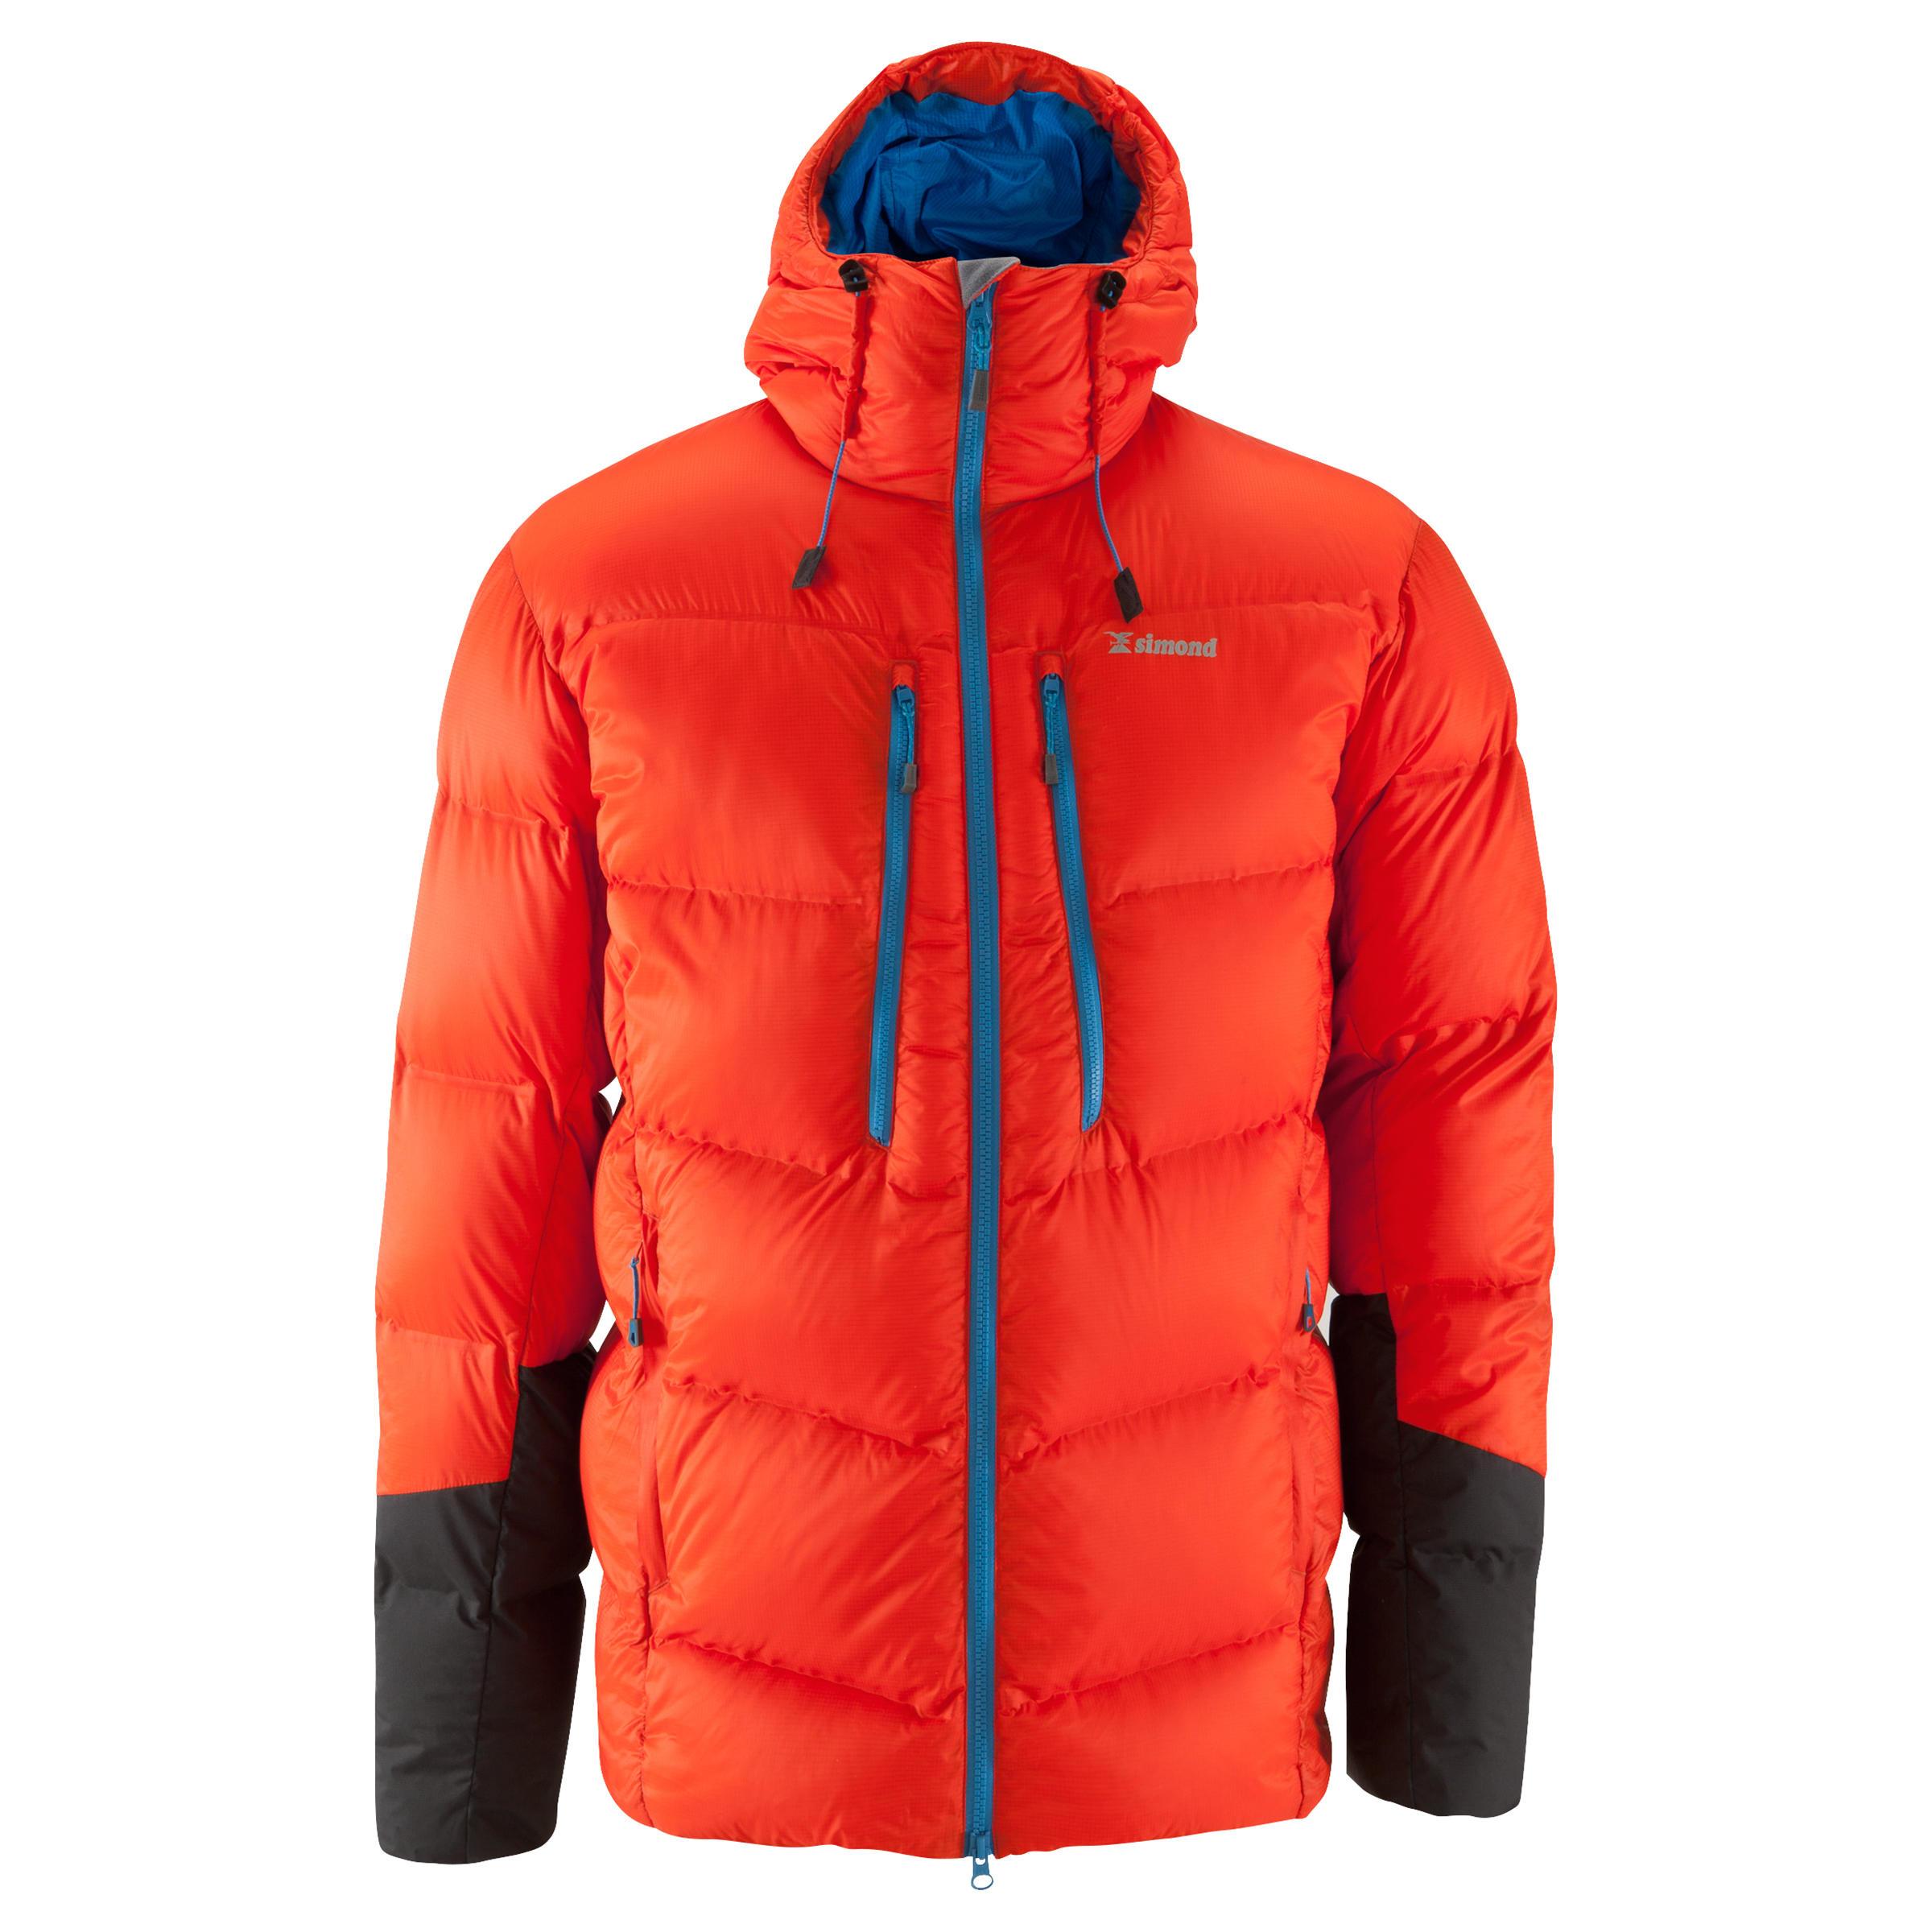 Puffer Down Jacket for -30 Degrees Simond Makalu II